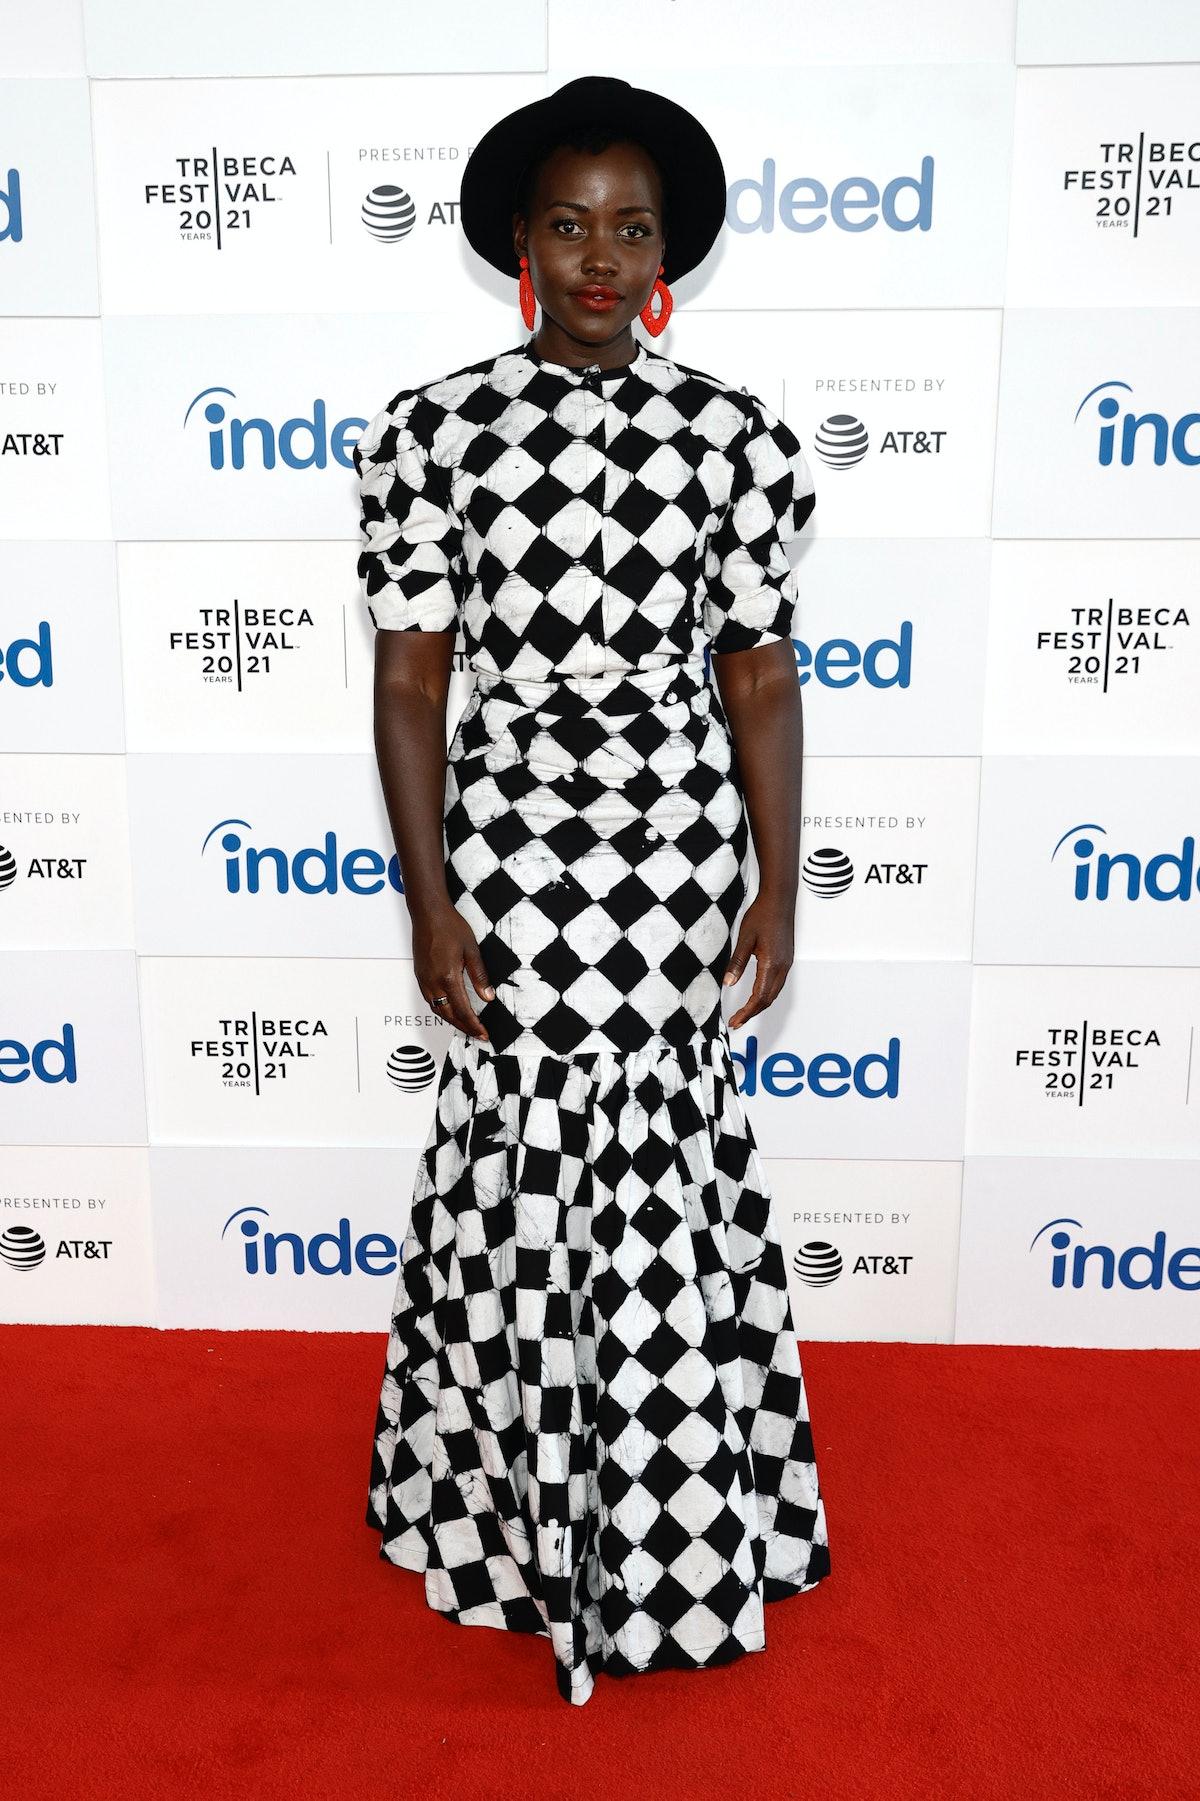 Lupita Nyong'o wearing a harlequin dress